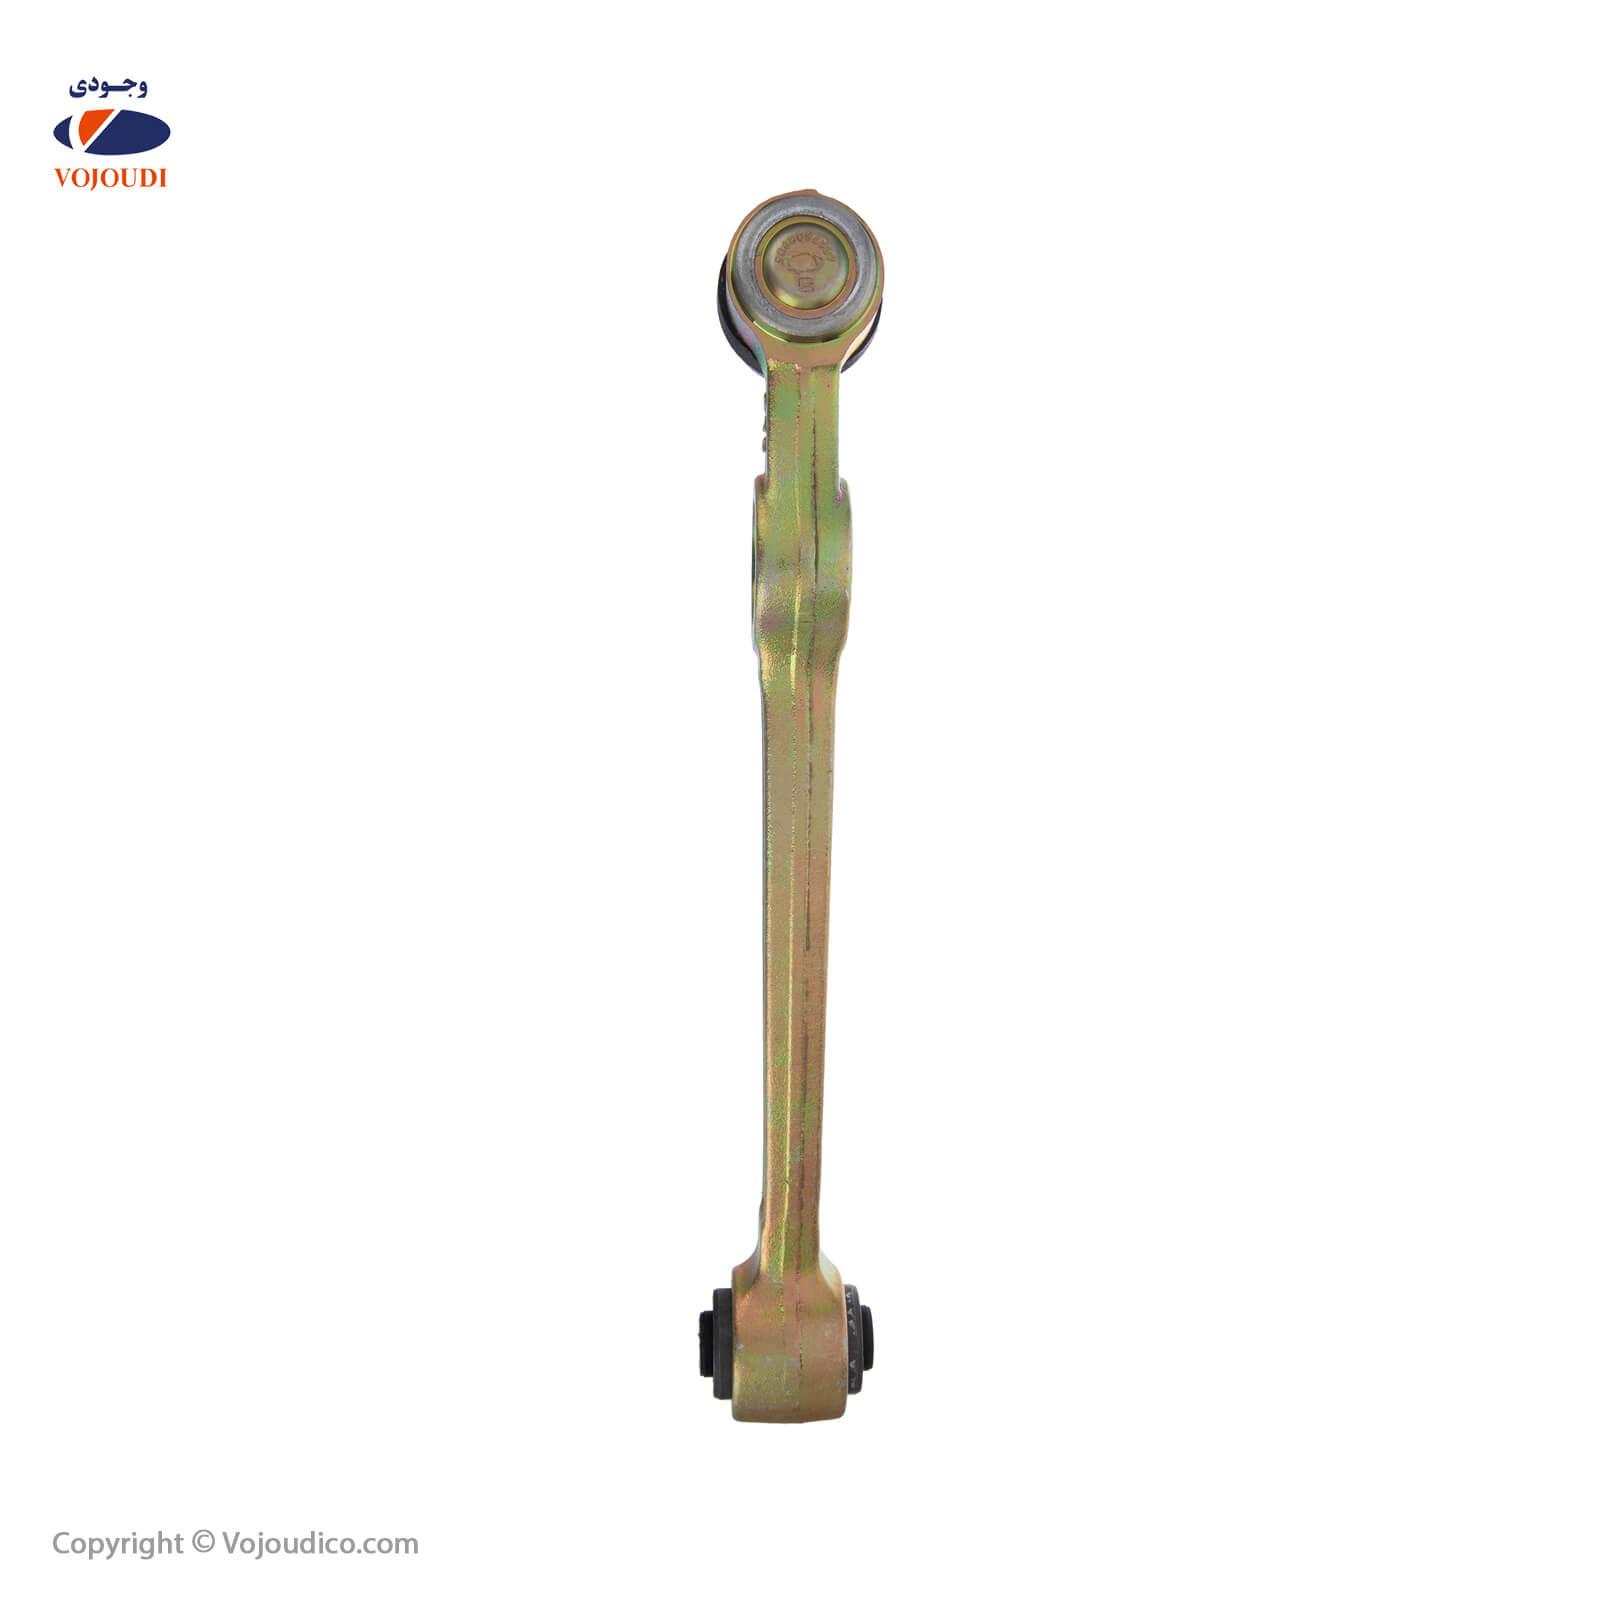 3654 1 - طبق با بوش فلزی ممتاز وجودی کد 3654 مناسب برای پراید ، تعداد بسته : 12 عدد